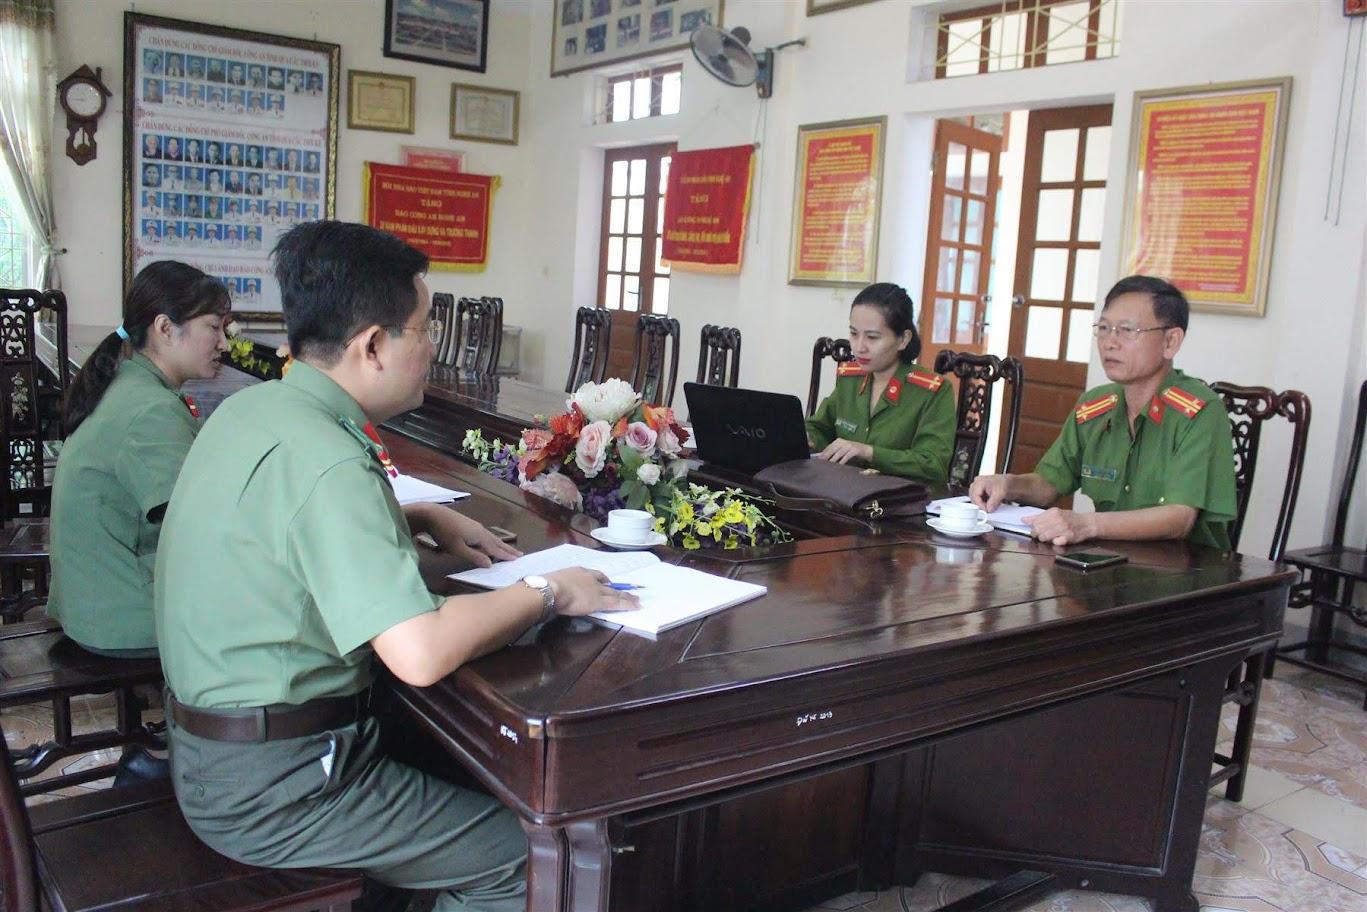 Đội Cảnh sát PCCC&CNCH làm việc với Báo Công an Nghệ An